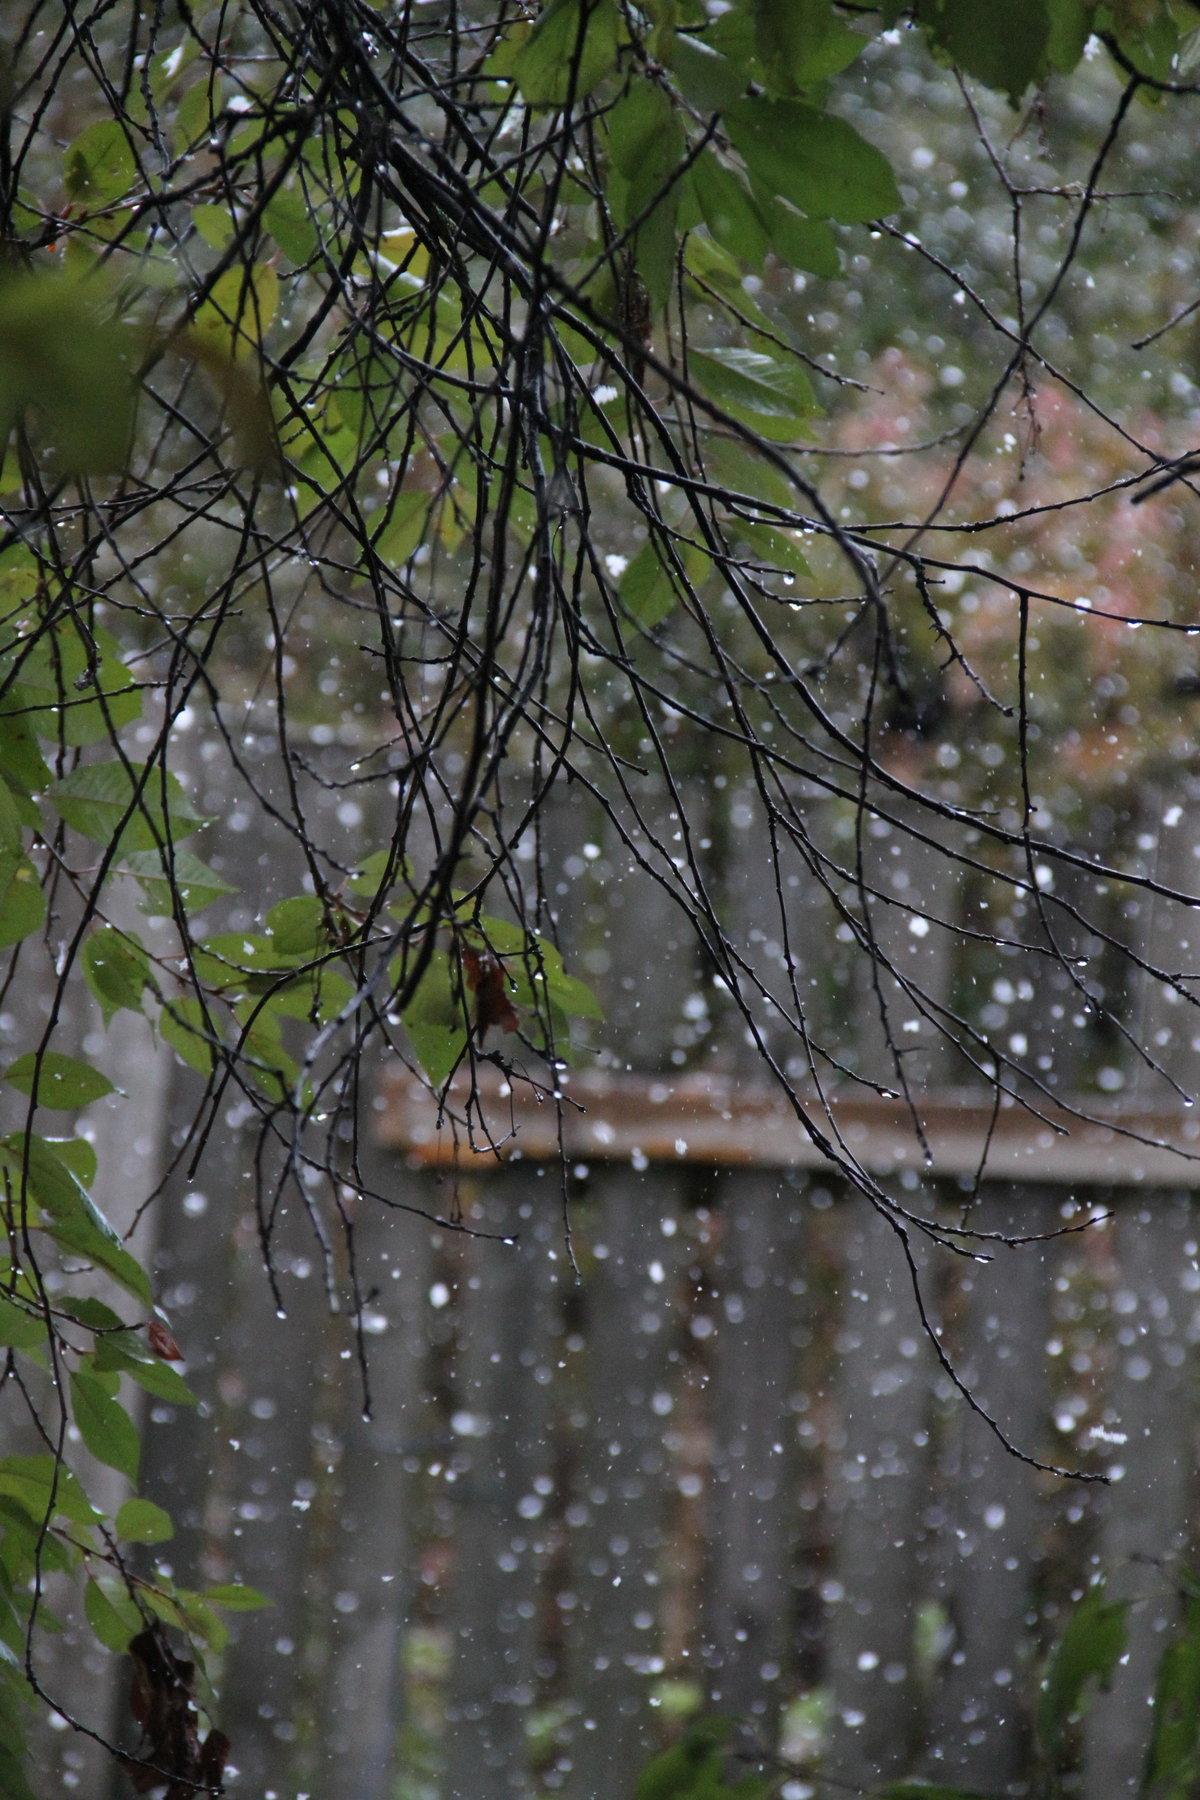 фото с дождливой погодой